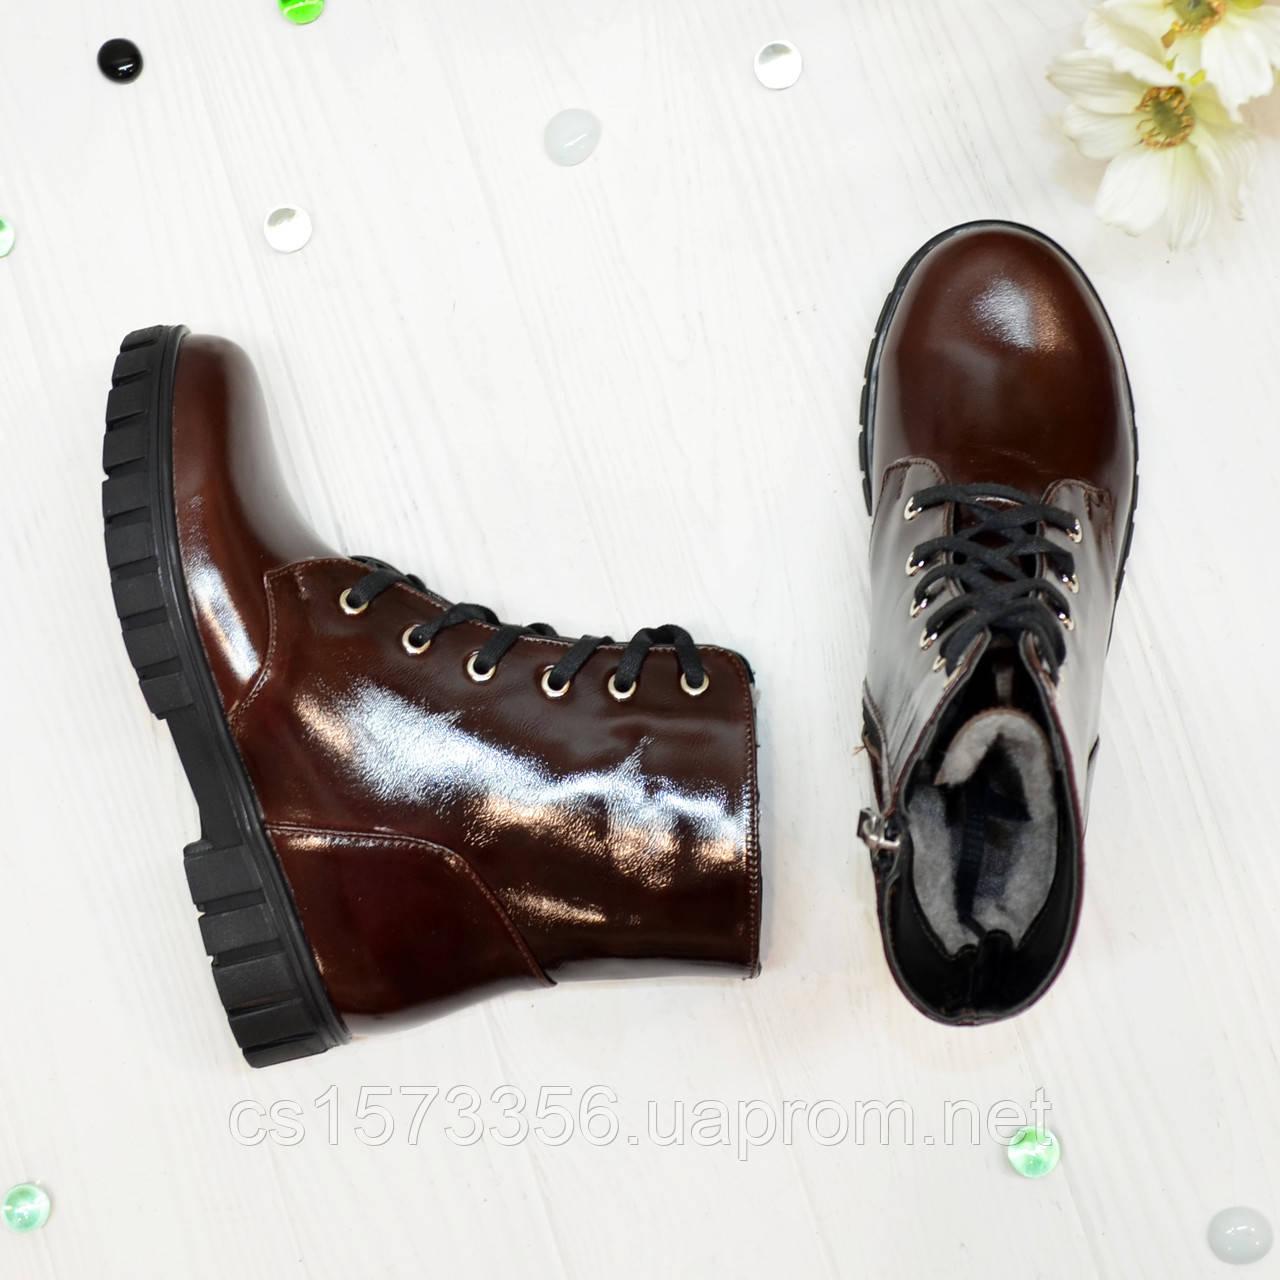 Ботинки кожаные подростковые на утолщённой подошве